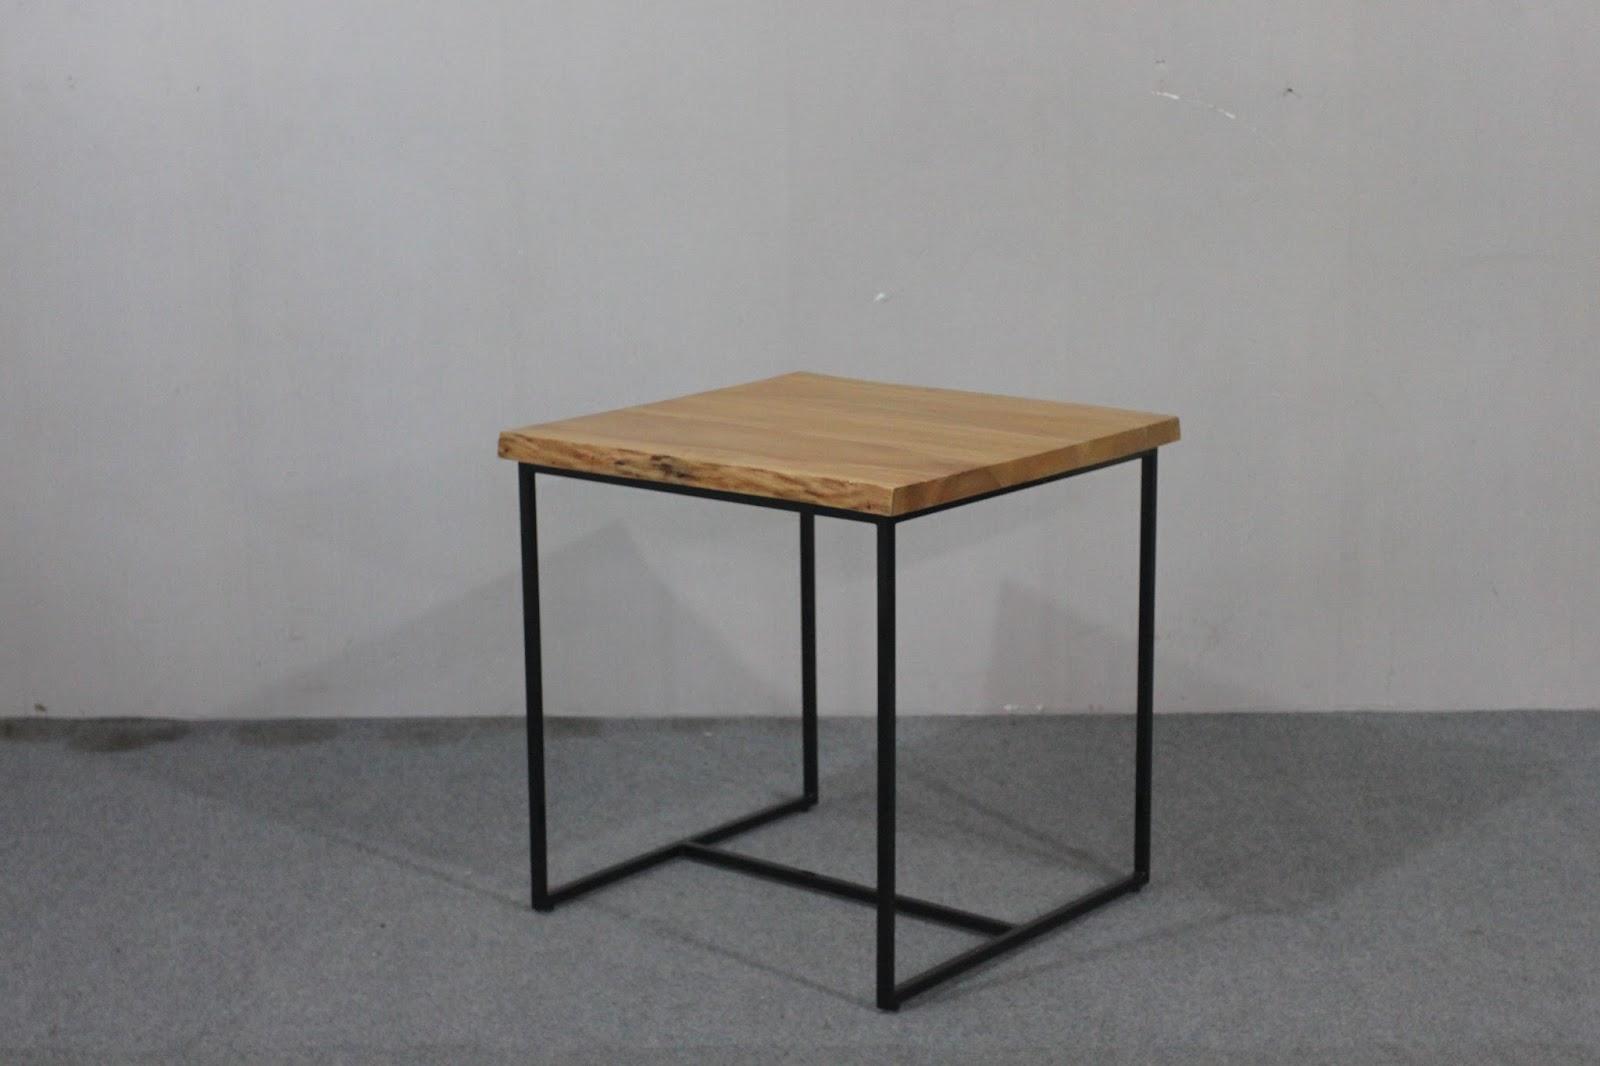 industrial furniture table. Halo Selamat Malam Sobat. Bagaimana Kabarnya Baik Kan. Ngomongin Sola Industrial Furniture Inilah Yang Dimaksut Dengan Furniture. Table